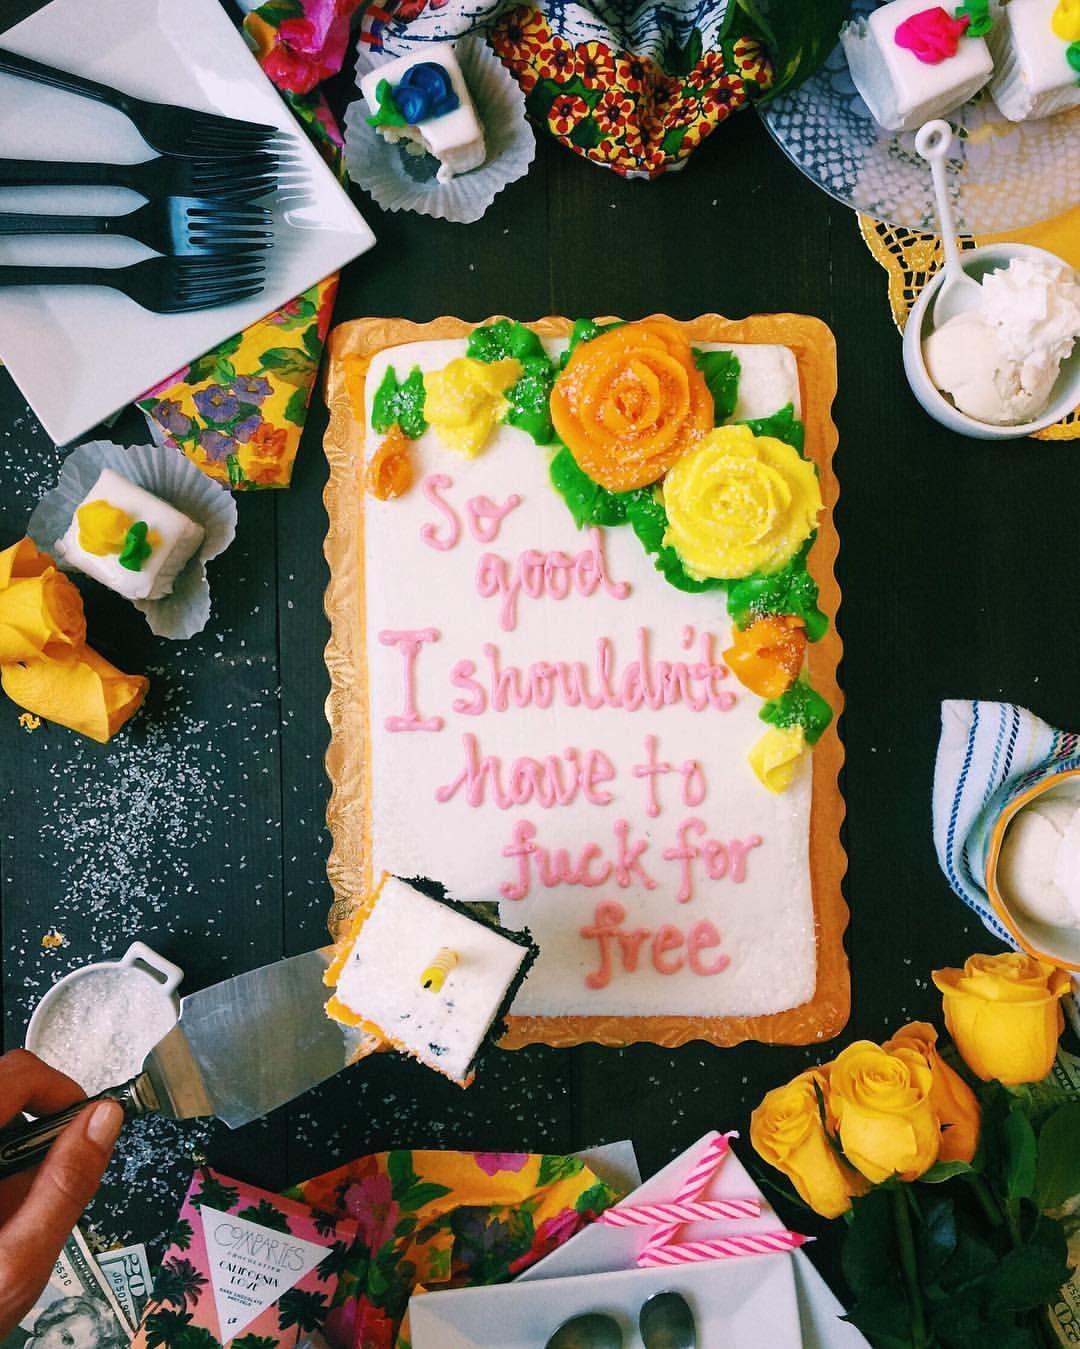 Drake on cake eat cake